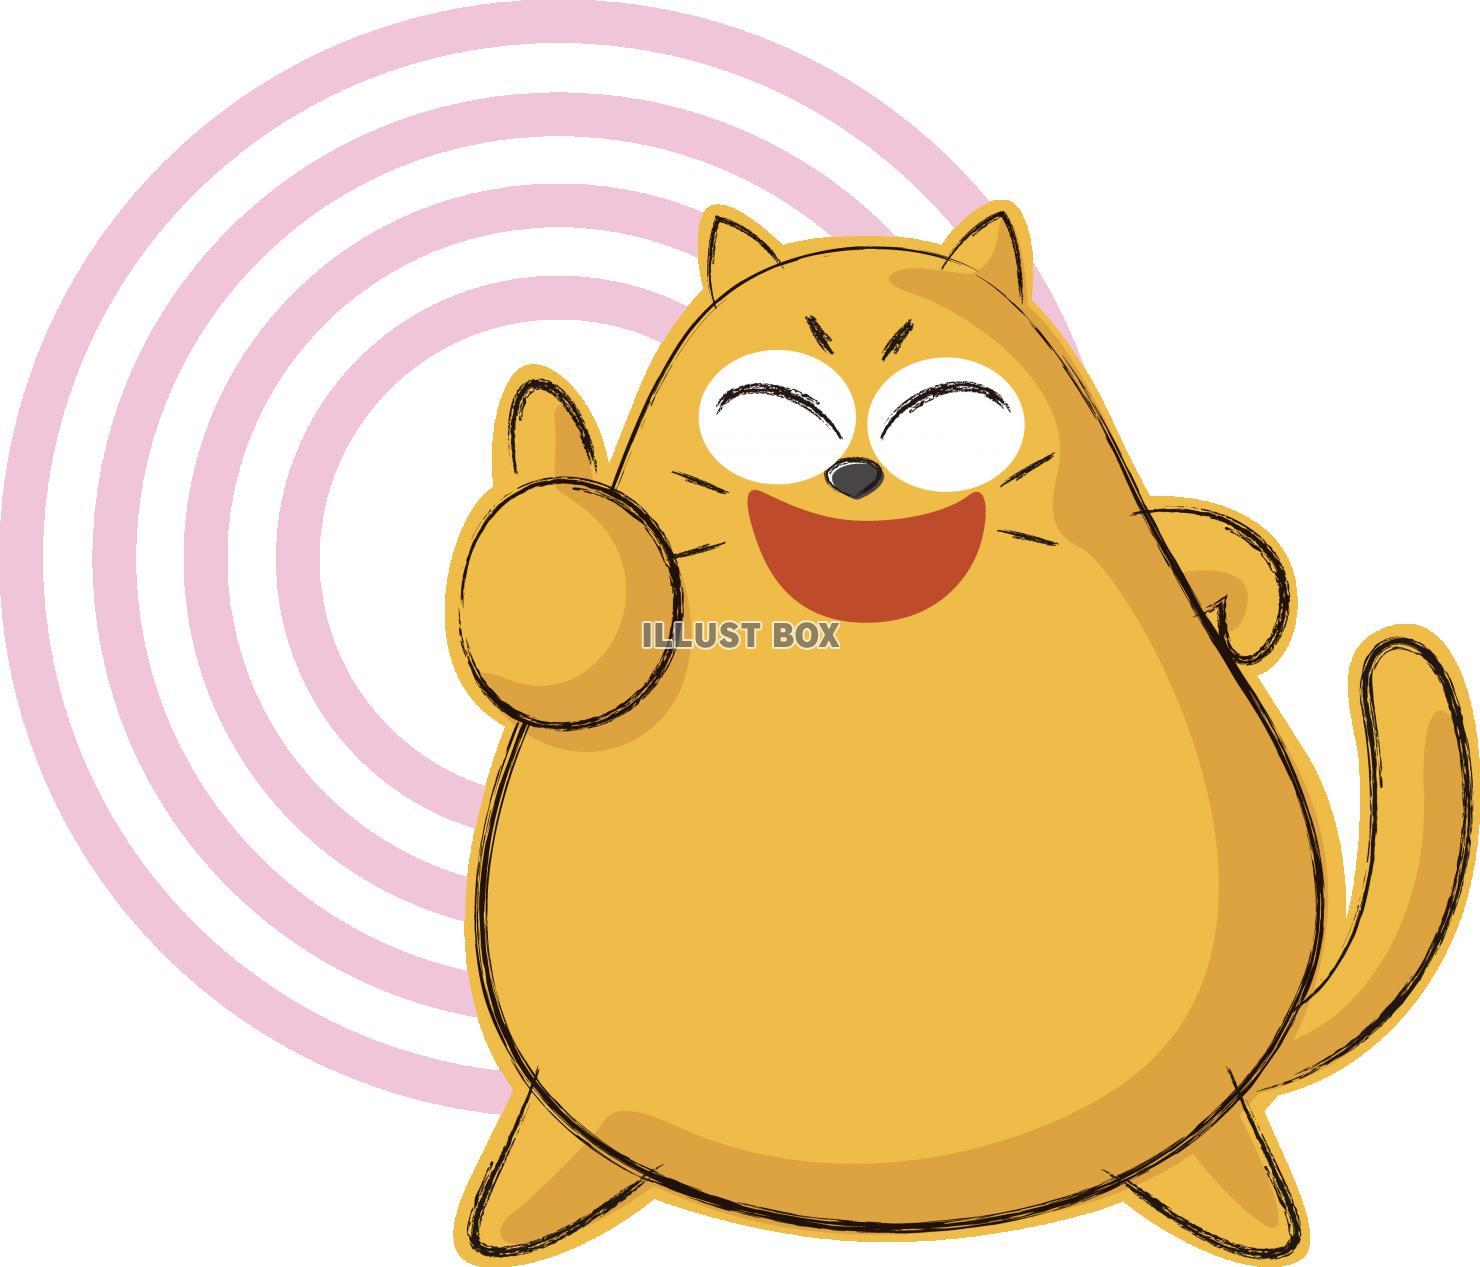 無料イラスト 可愛いネコ キャラクター いいね